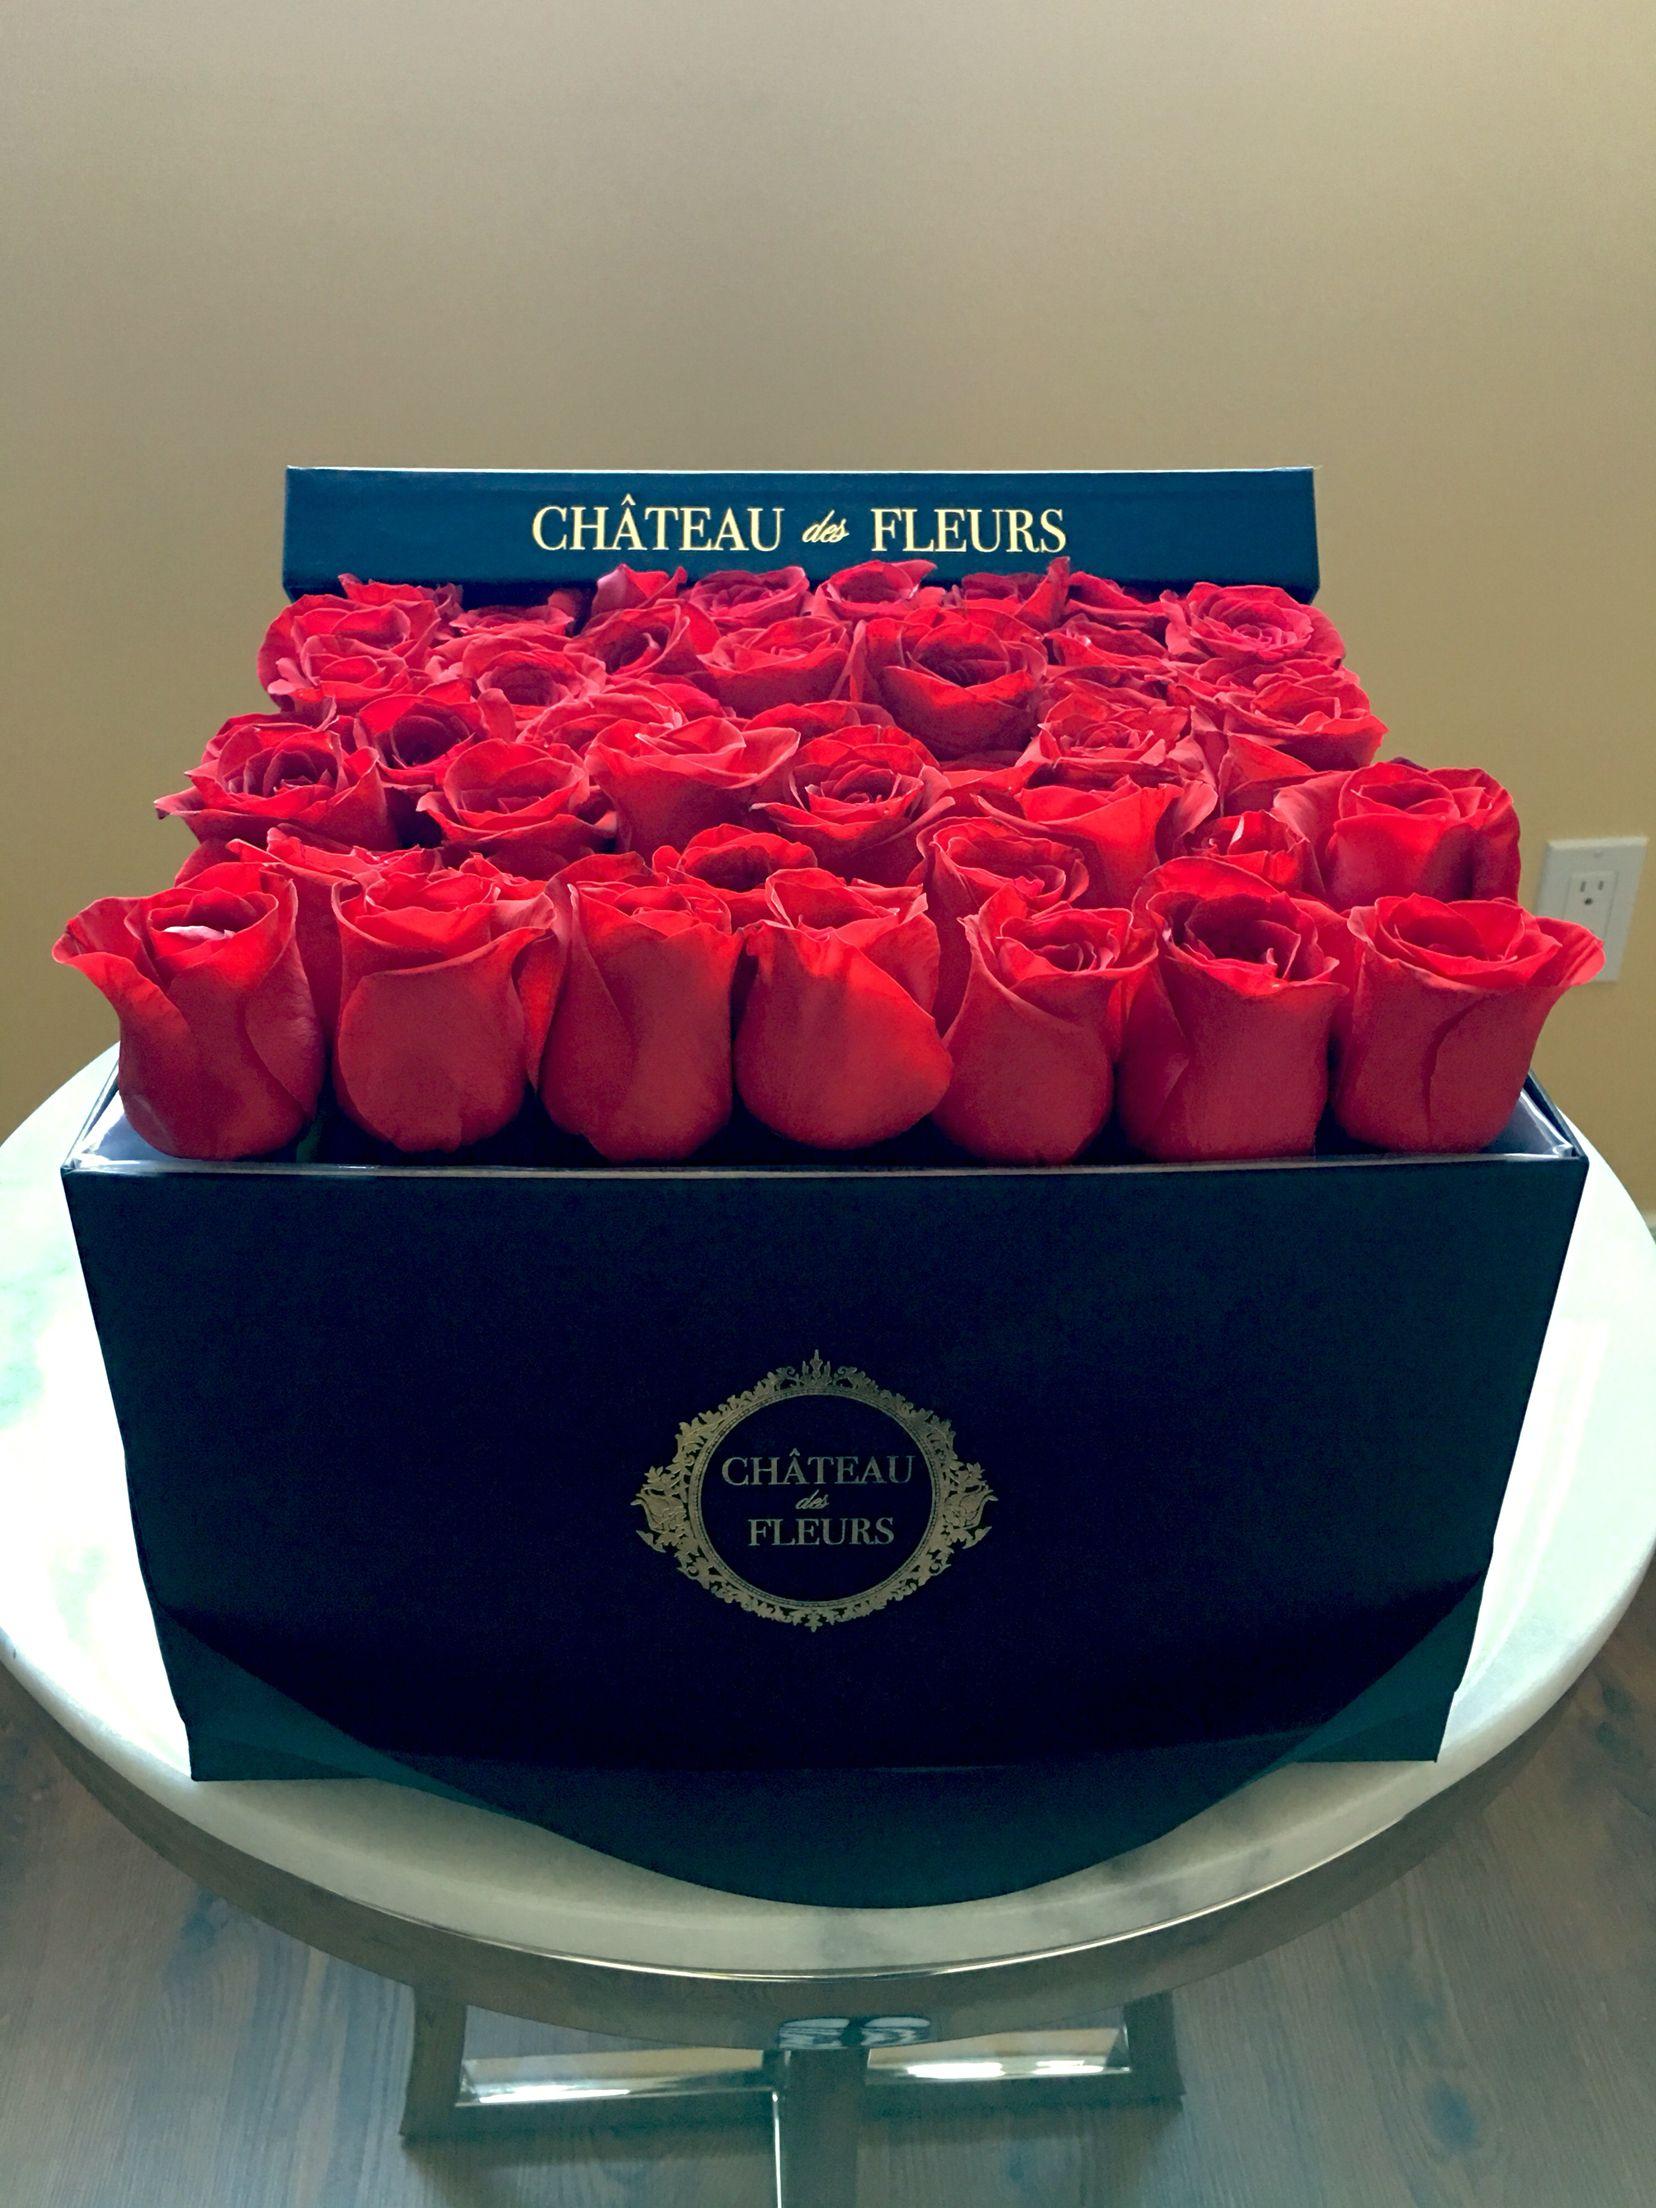 signature black box ❤ chateau des fleurs. rose collection